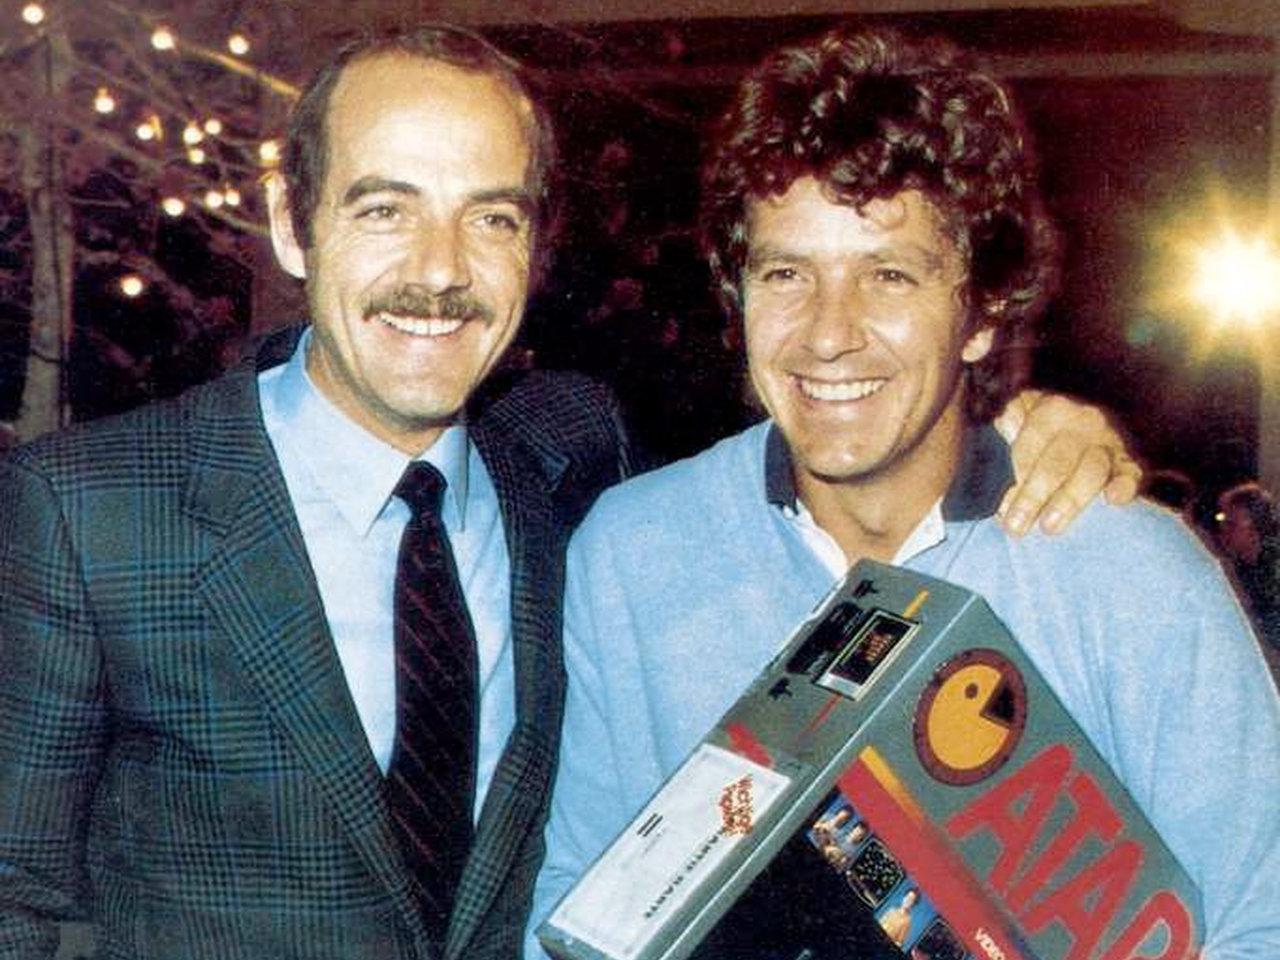 Atari-Chef Klaus Ollmann mit dem Showmaster Michael Schanze. (Bild: Atari)